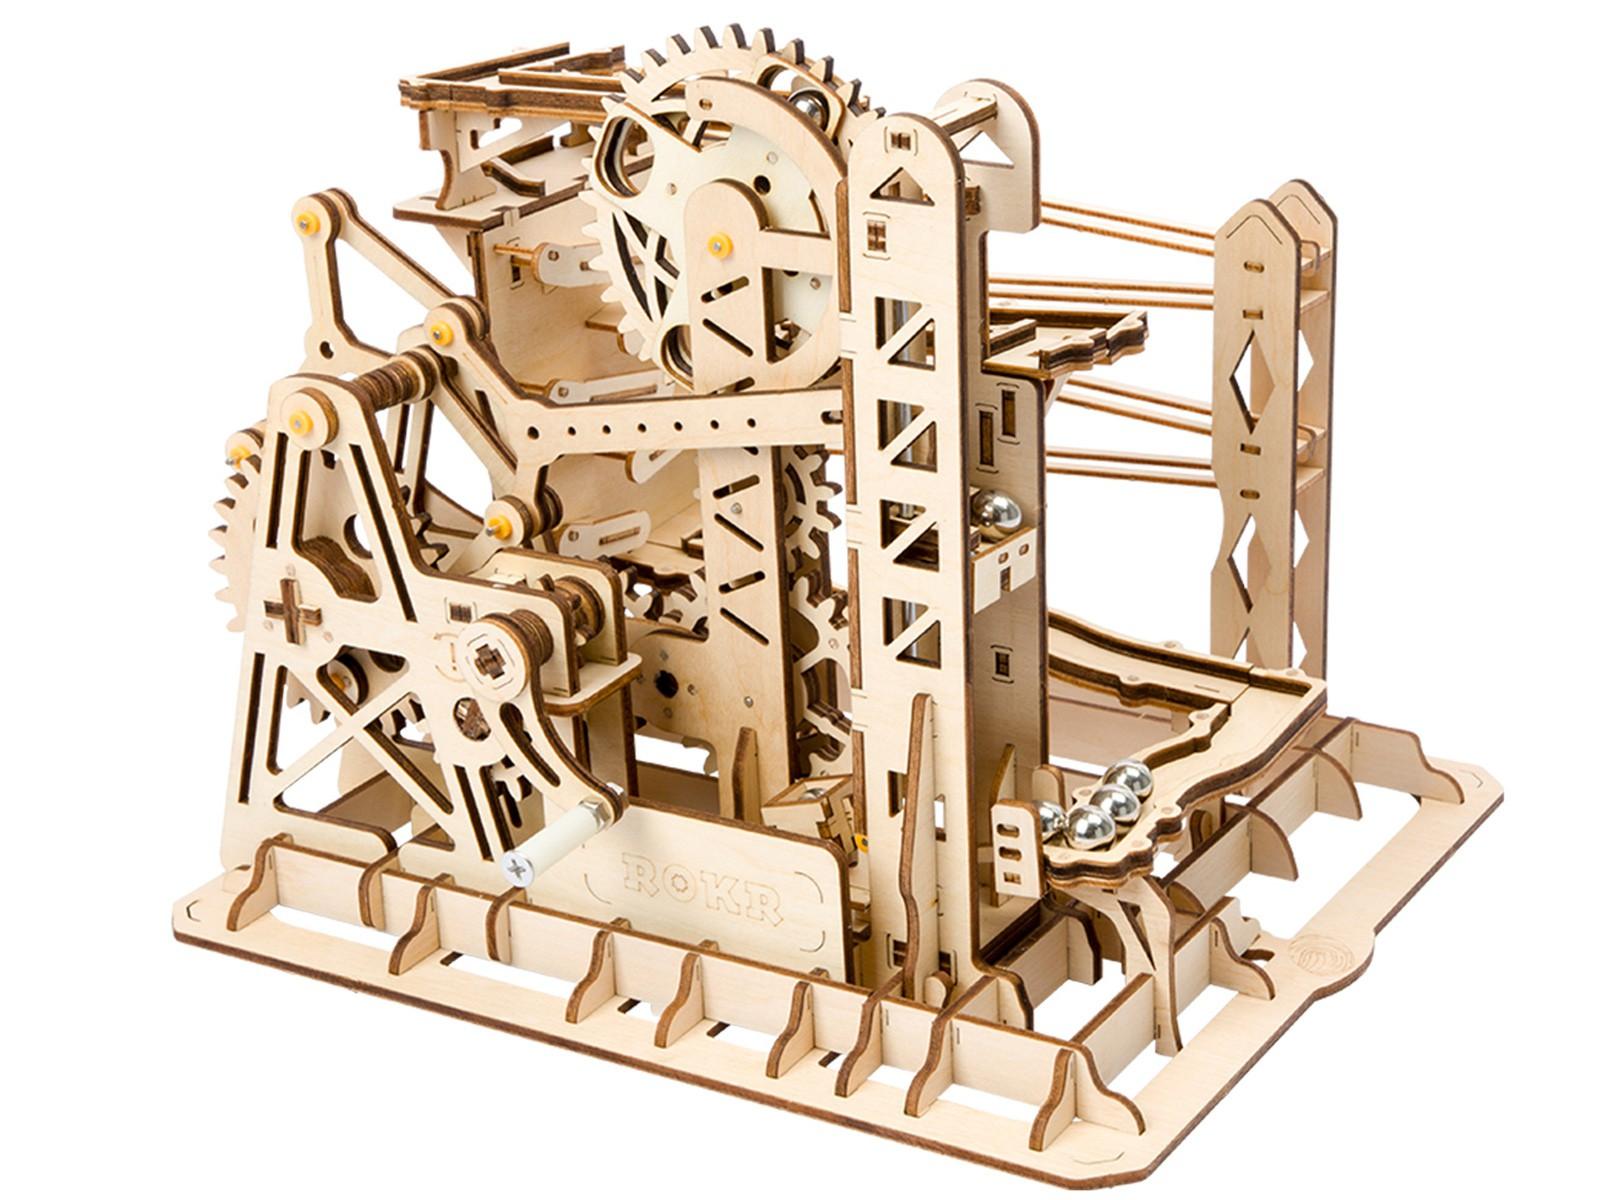 Kugelbahn / Murmelbahn 3D Puzzle Holz Lift - Robotime ROKR LG503